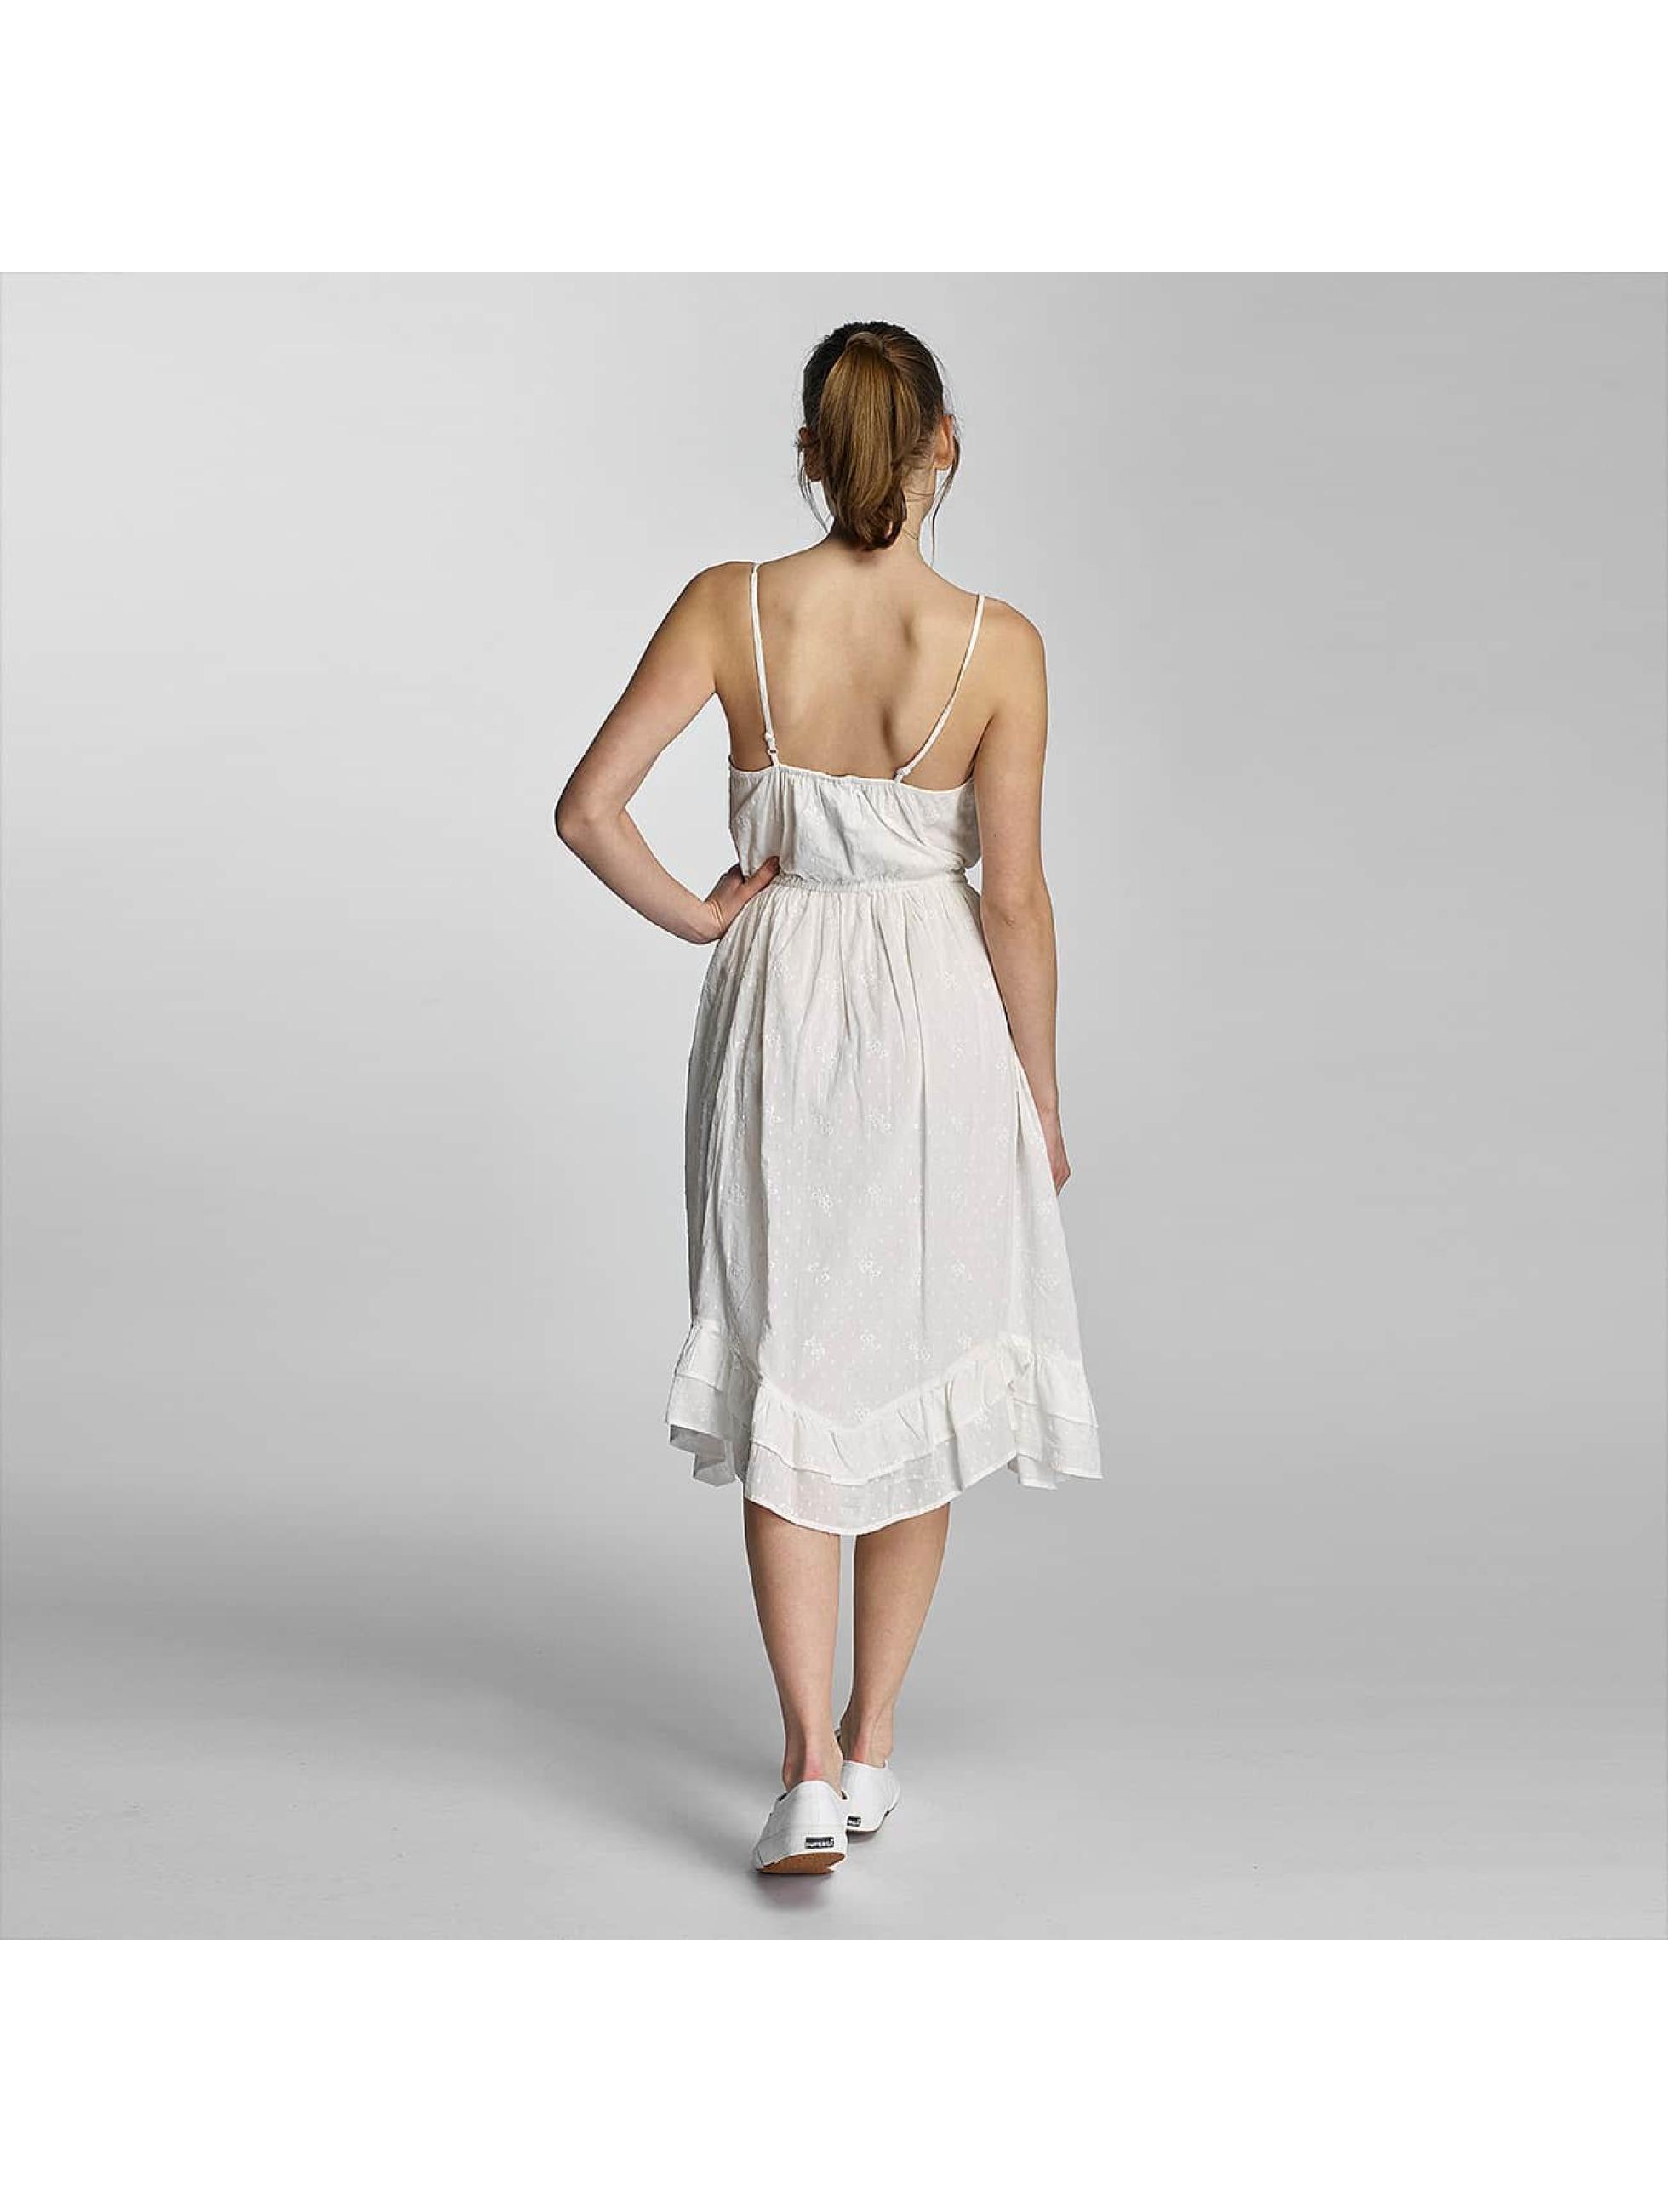 Vero Moda Dress VmLana white